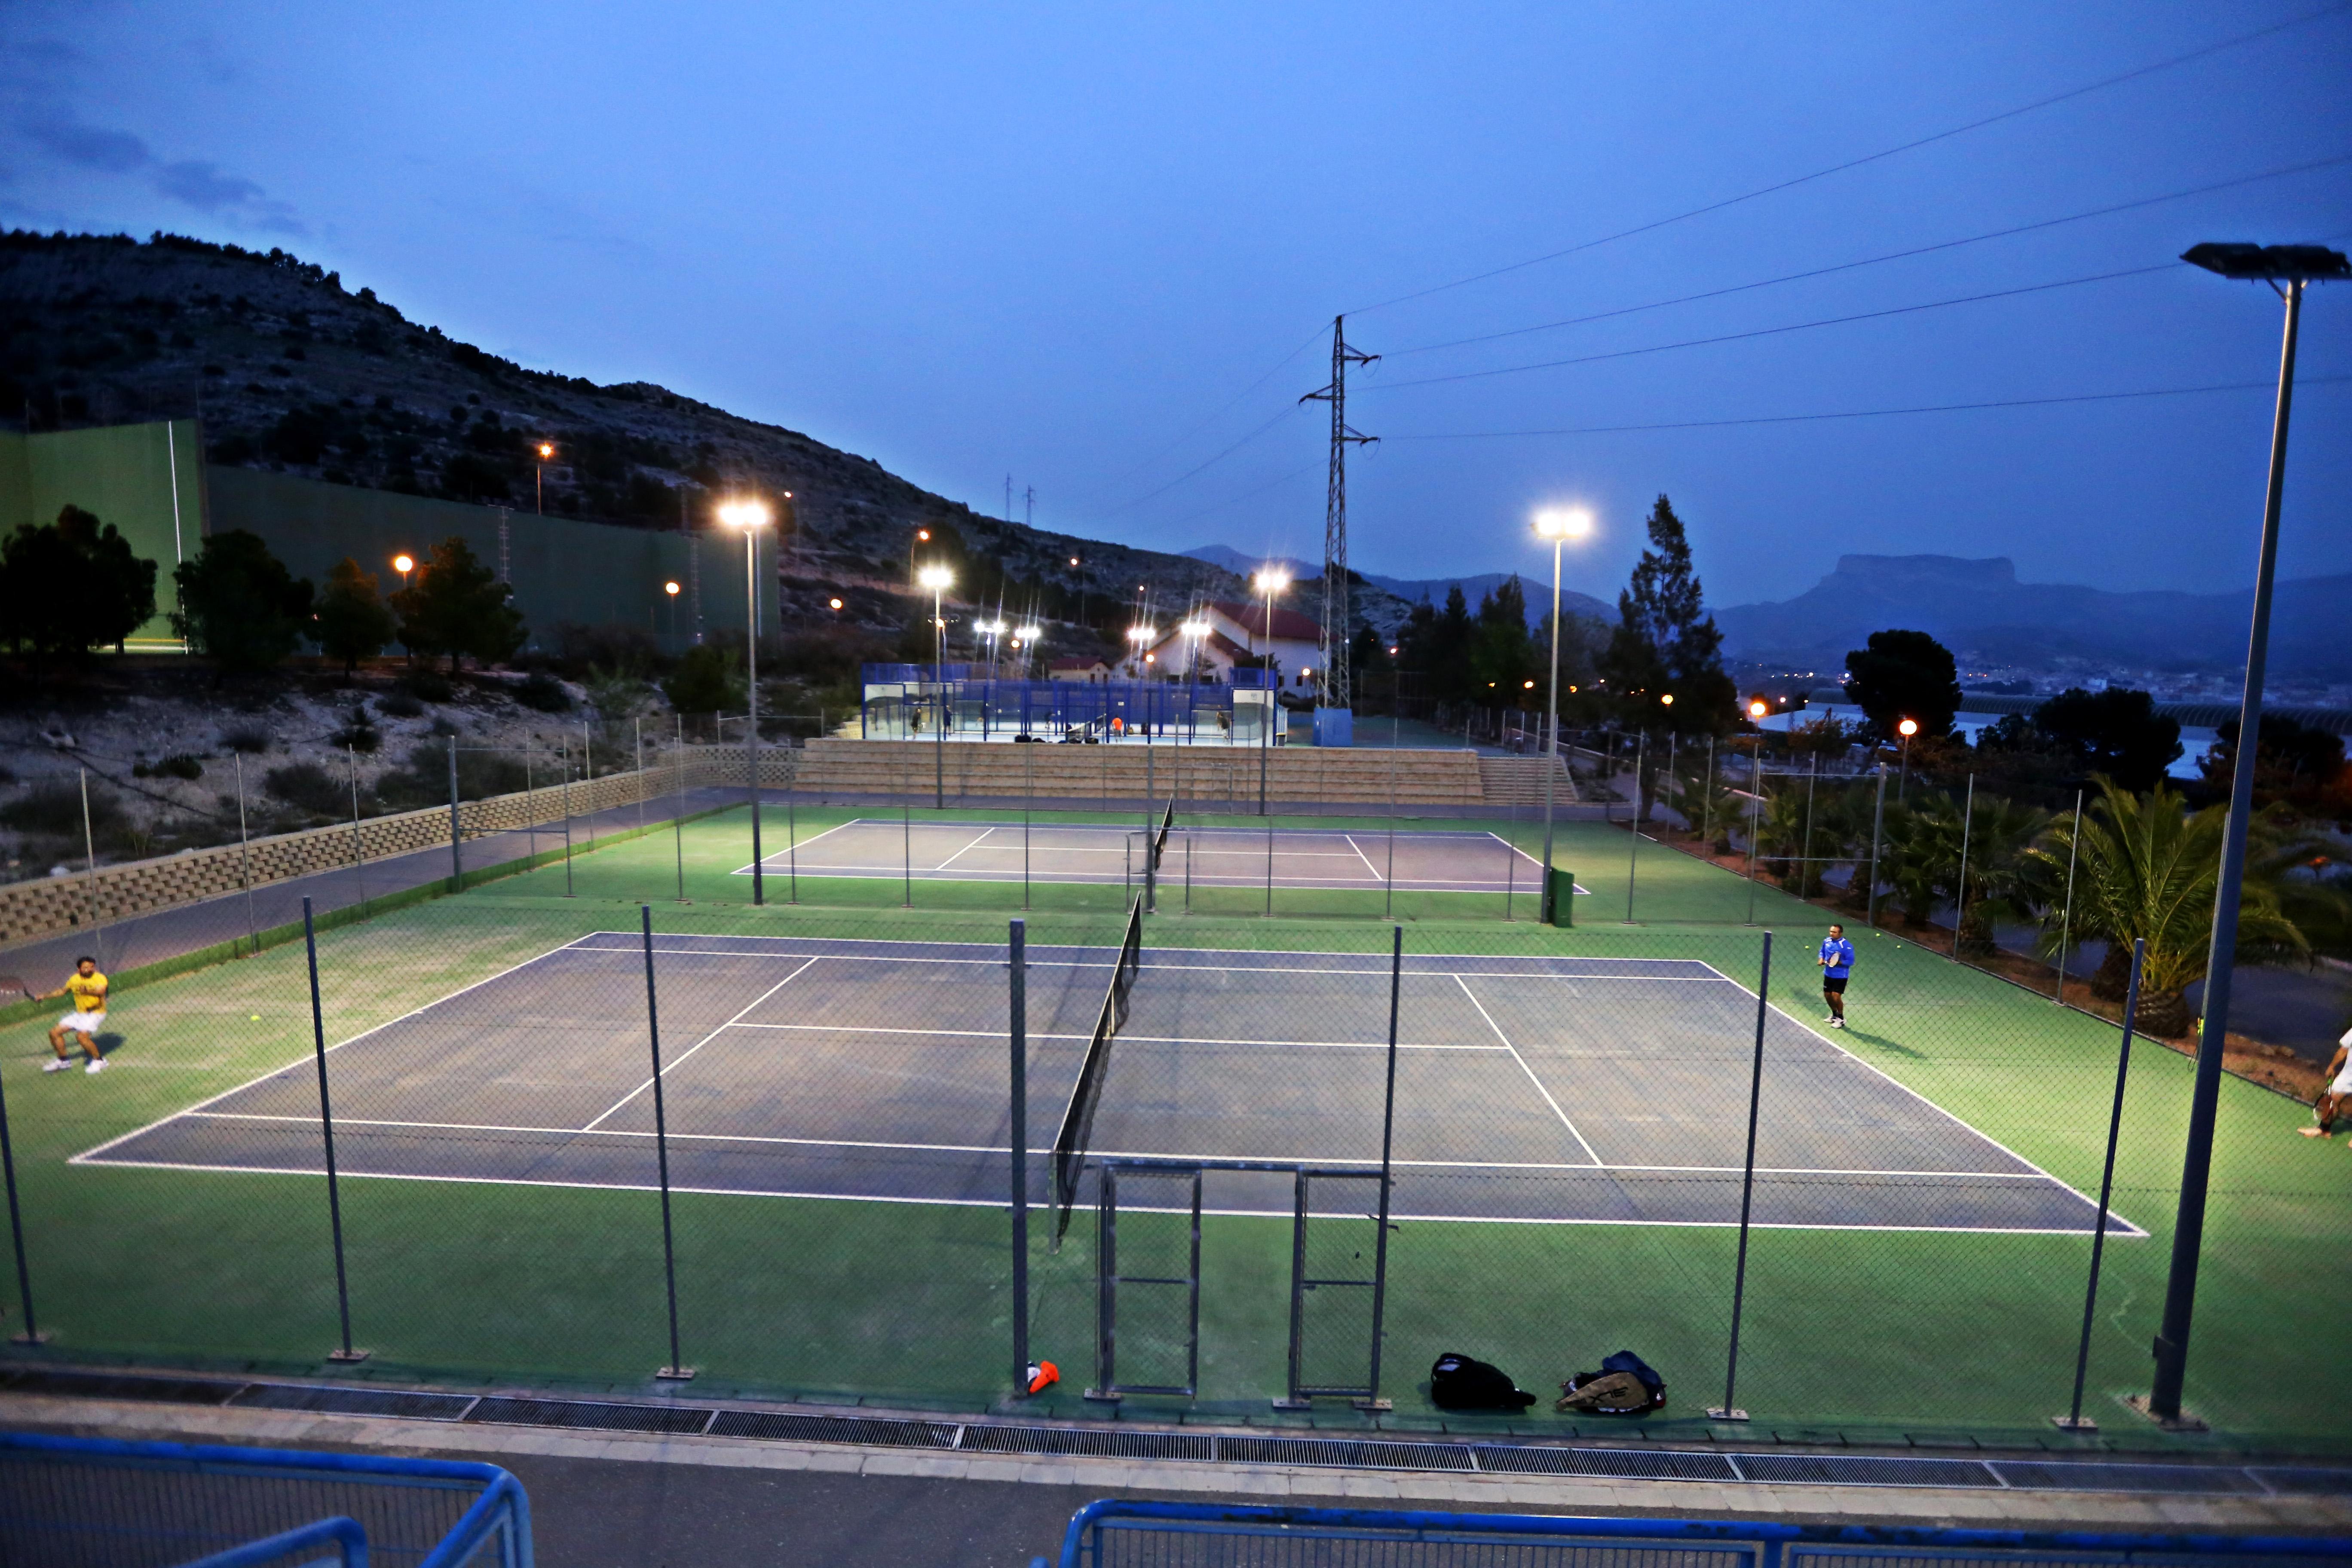 La Concejalía de Deportes reabre este martes las pistas de tenis y pádel del Complejo San Crispín con restricciones de horario y aforo